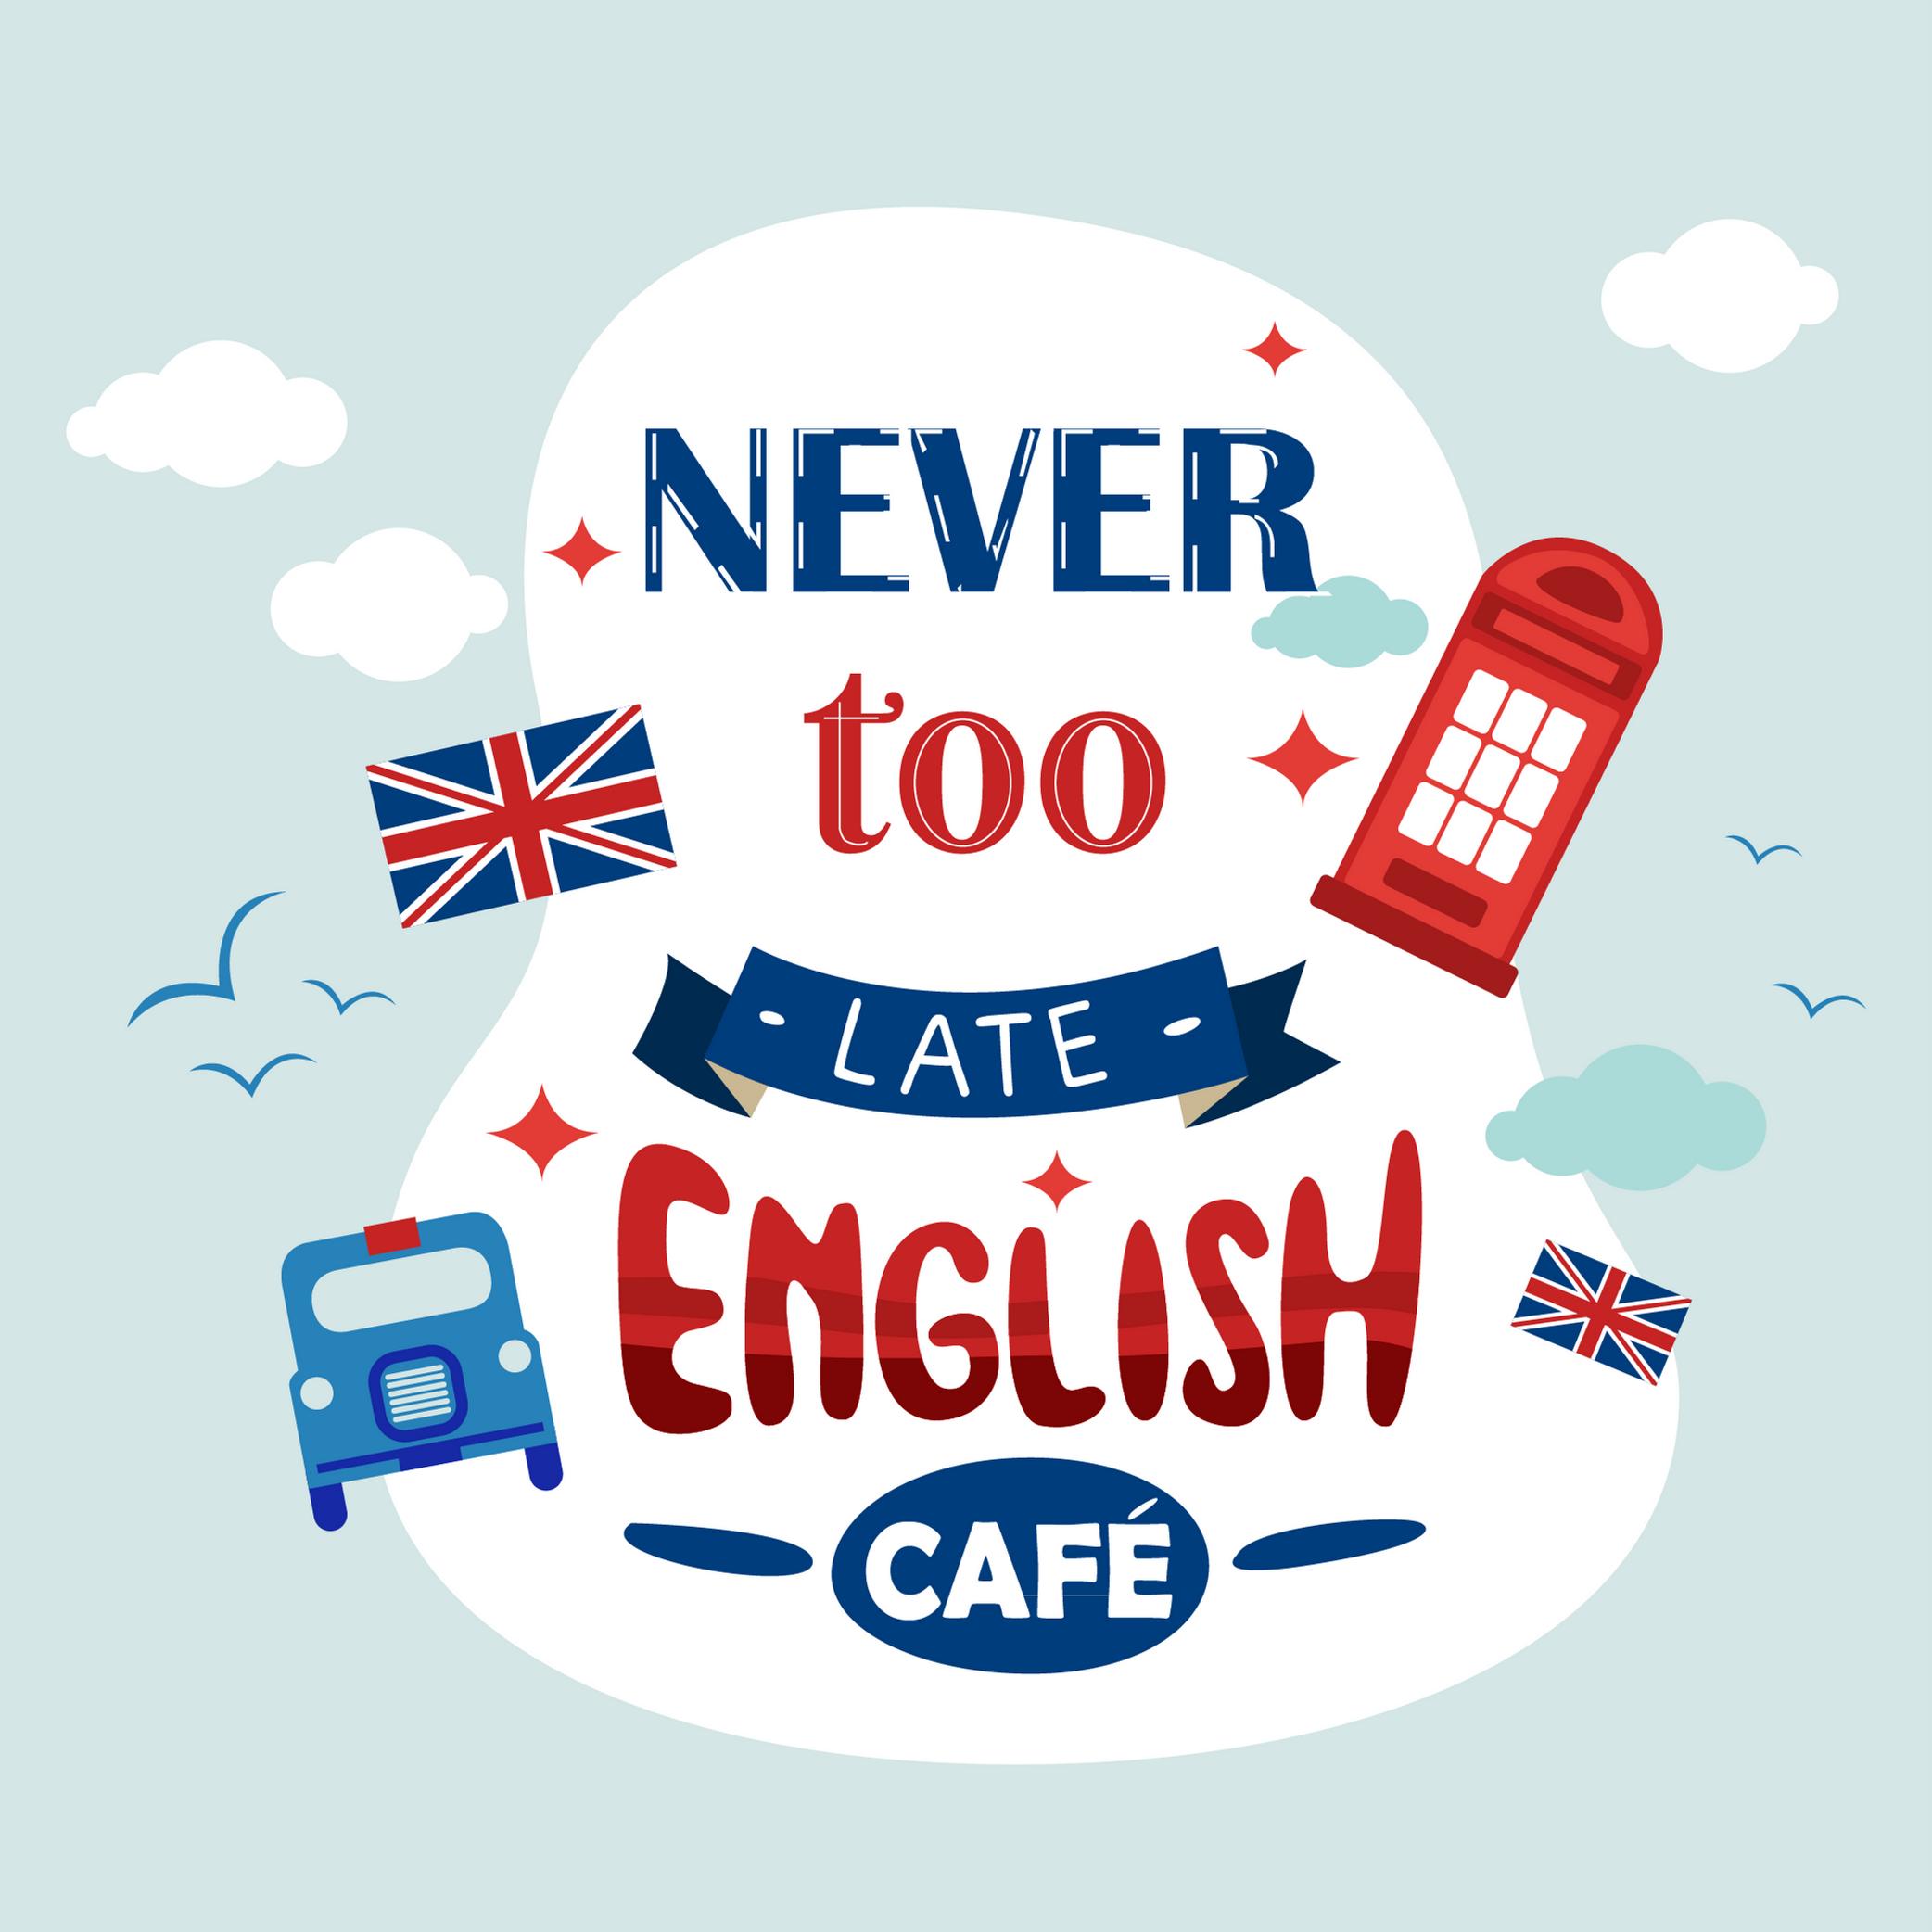 Never Too Late English Café